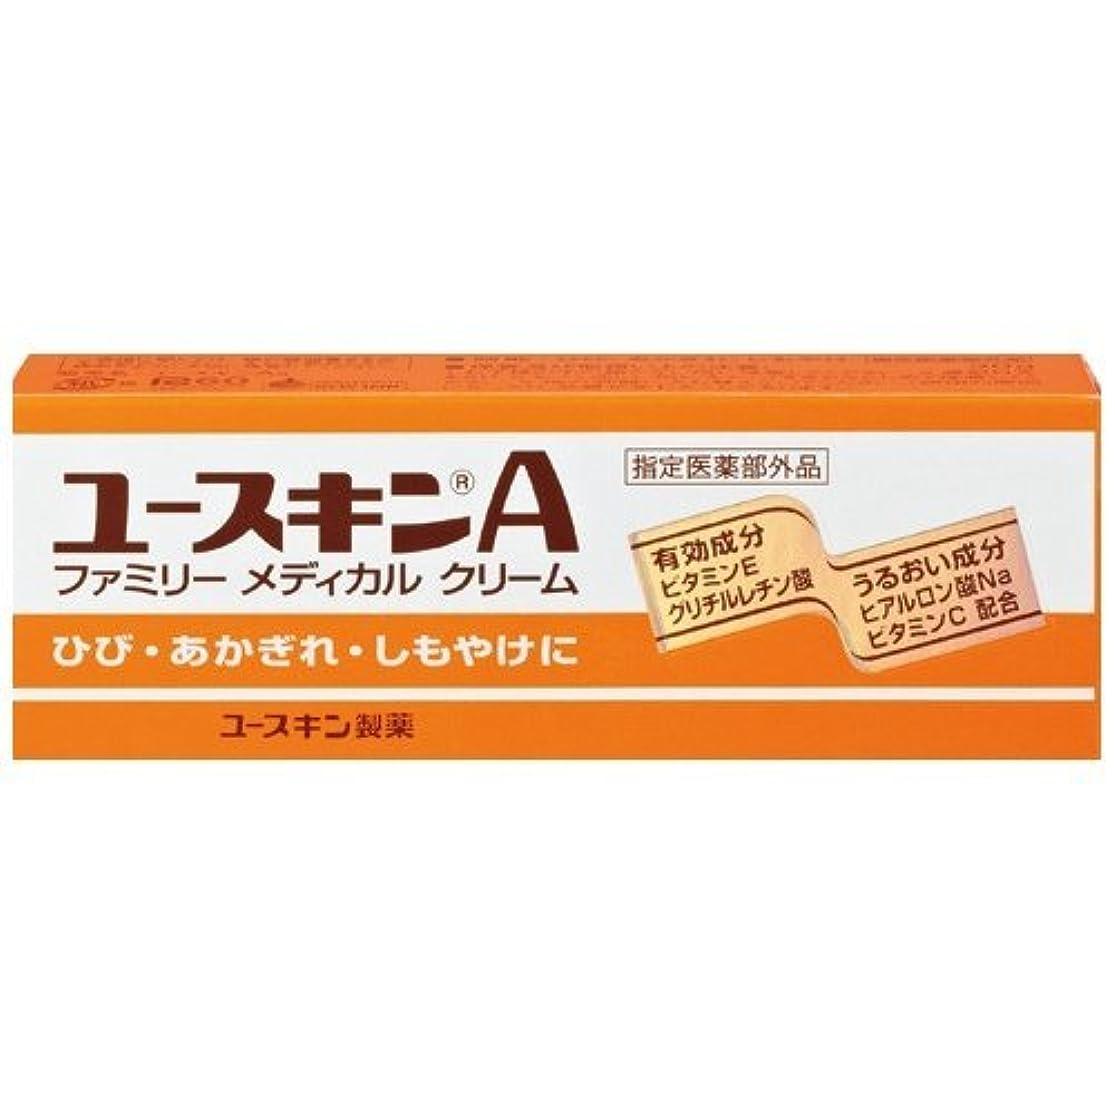 倫理表示木材ユースキンA 30g (手荒れ かかと荒れ 保湿クリーム)【指定医薬部外品】